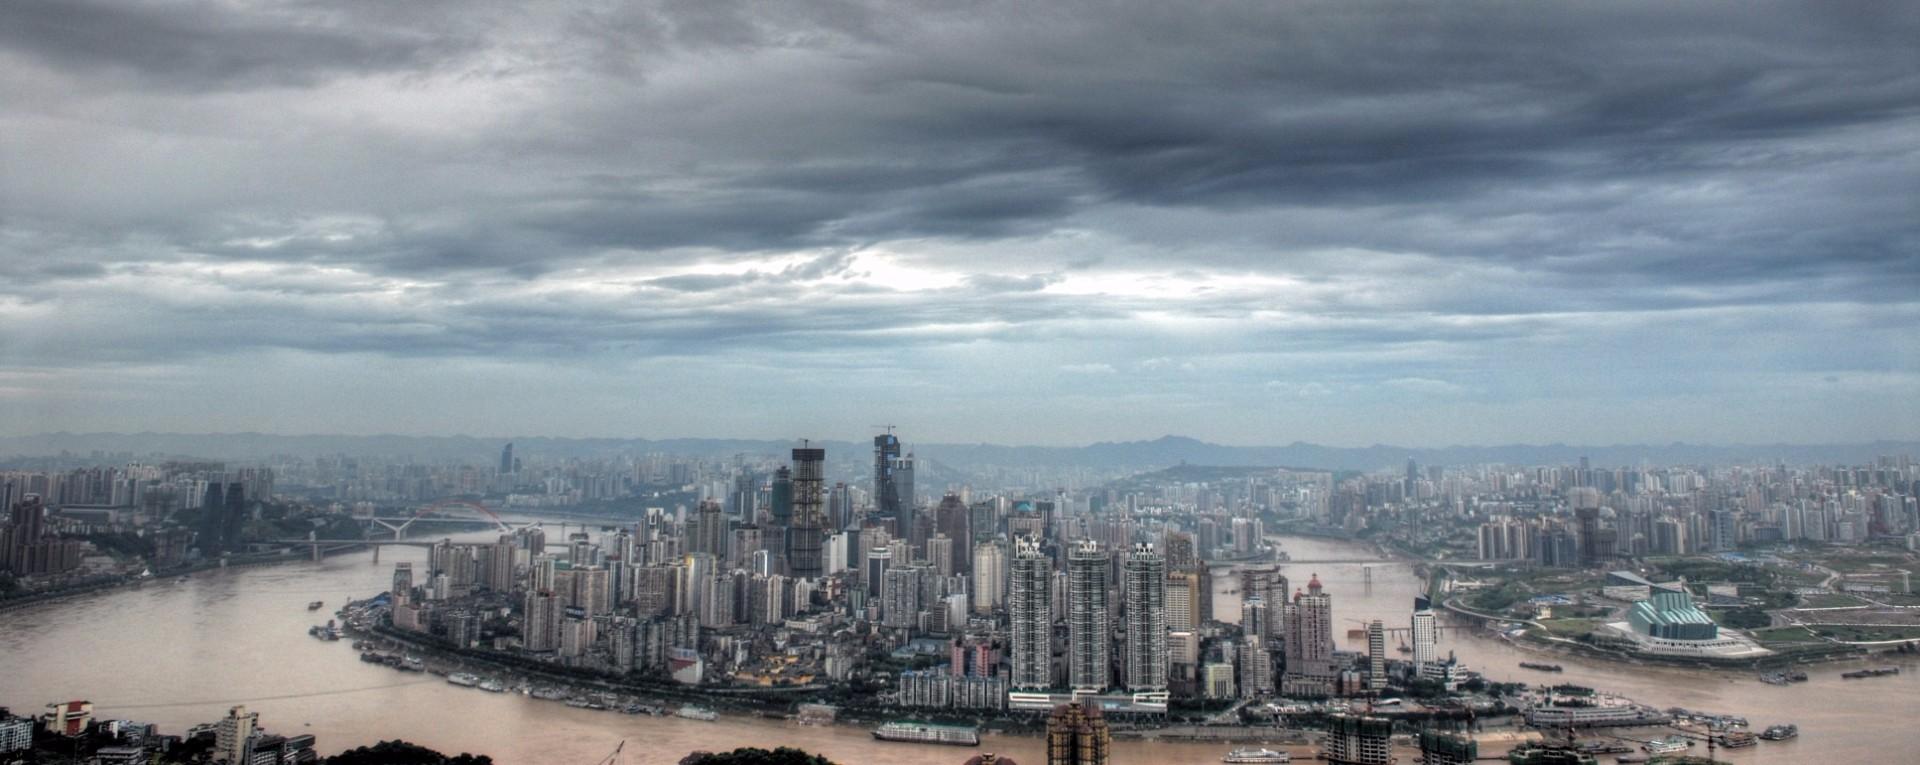 Chongqing Population in 2017